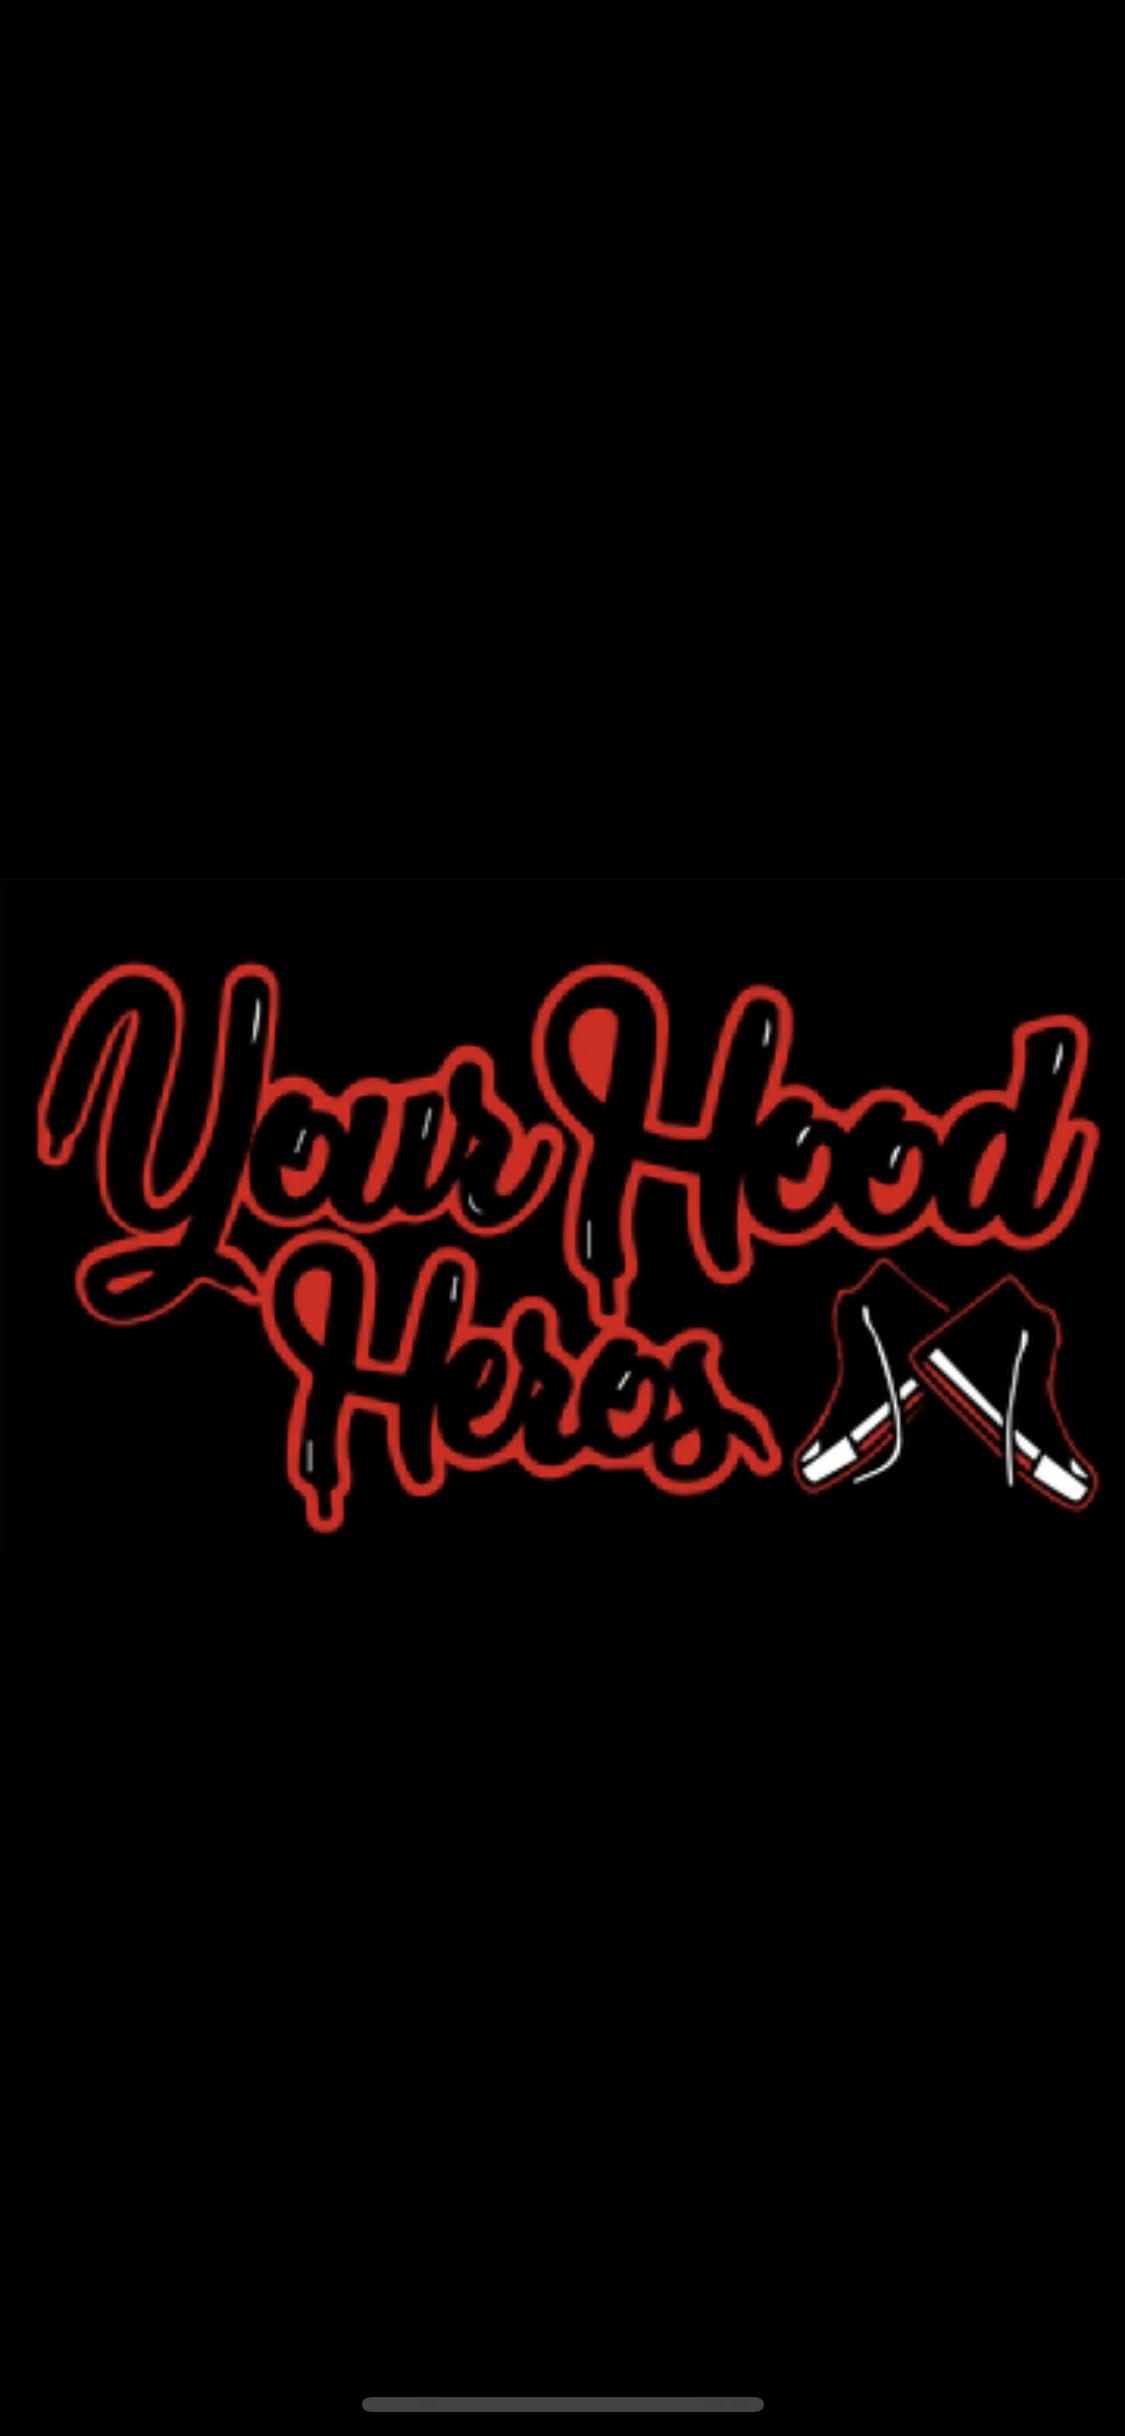 Your Hood Heros